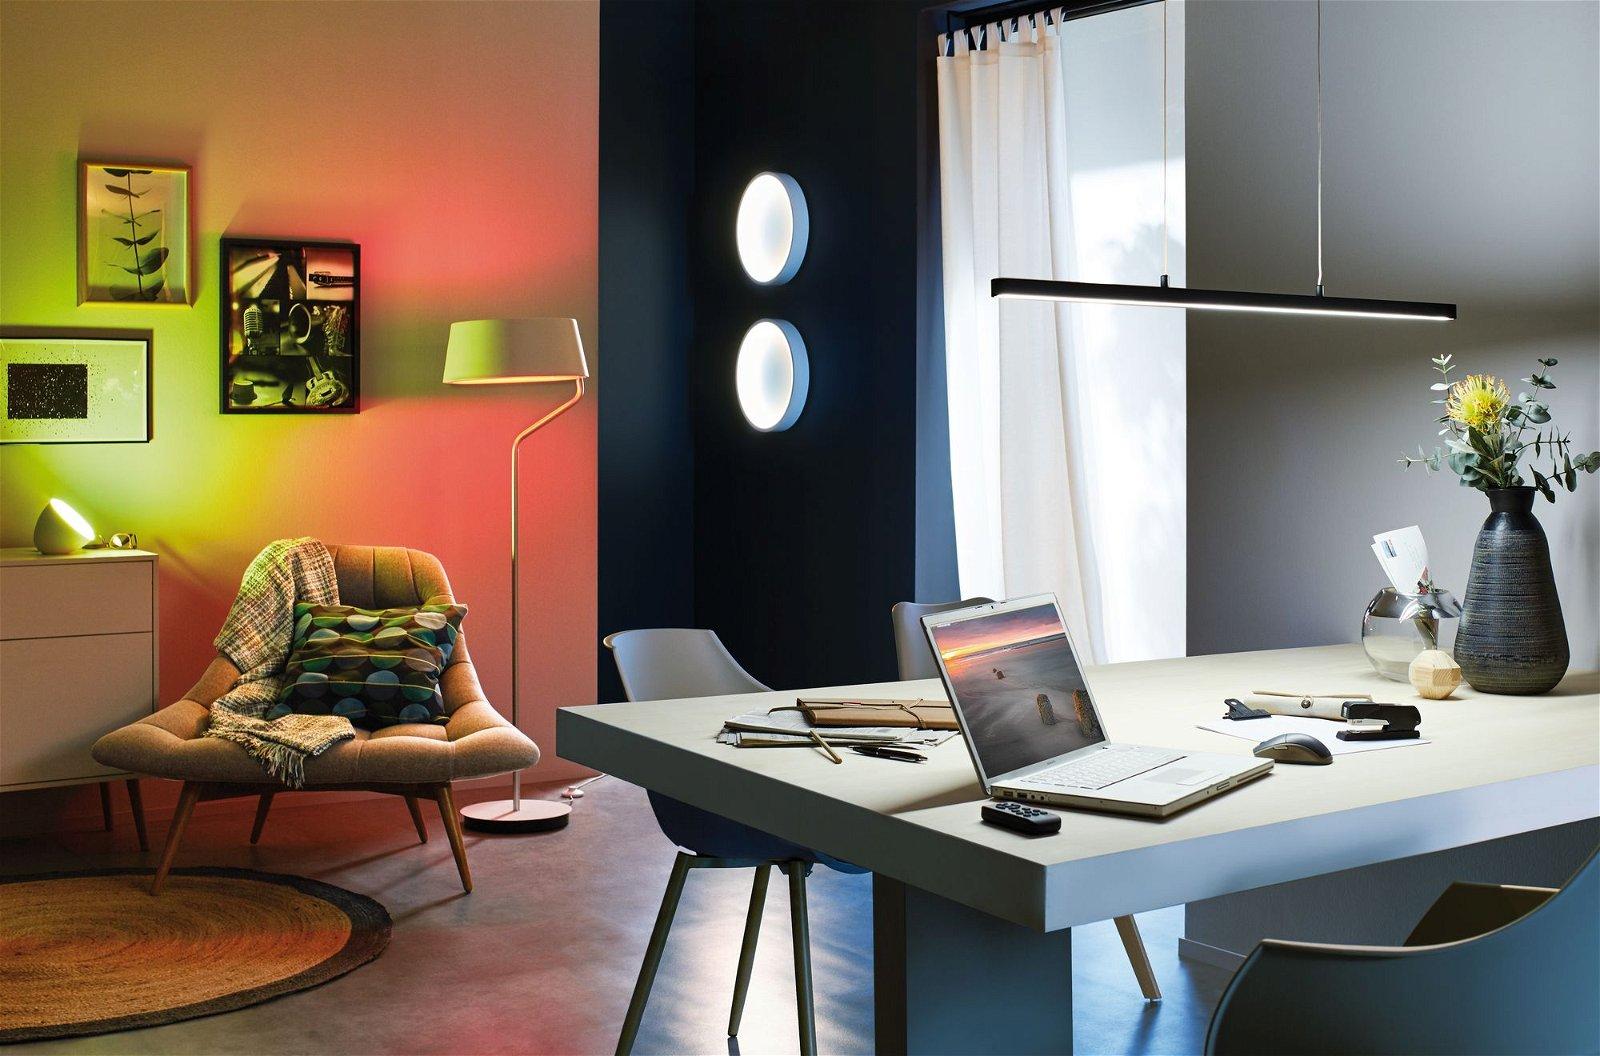 LED Tischleuchte Cornus RGBW 641lm 12W Weiß